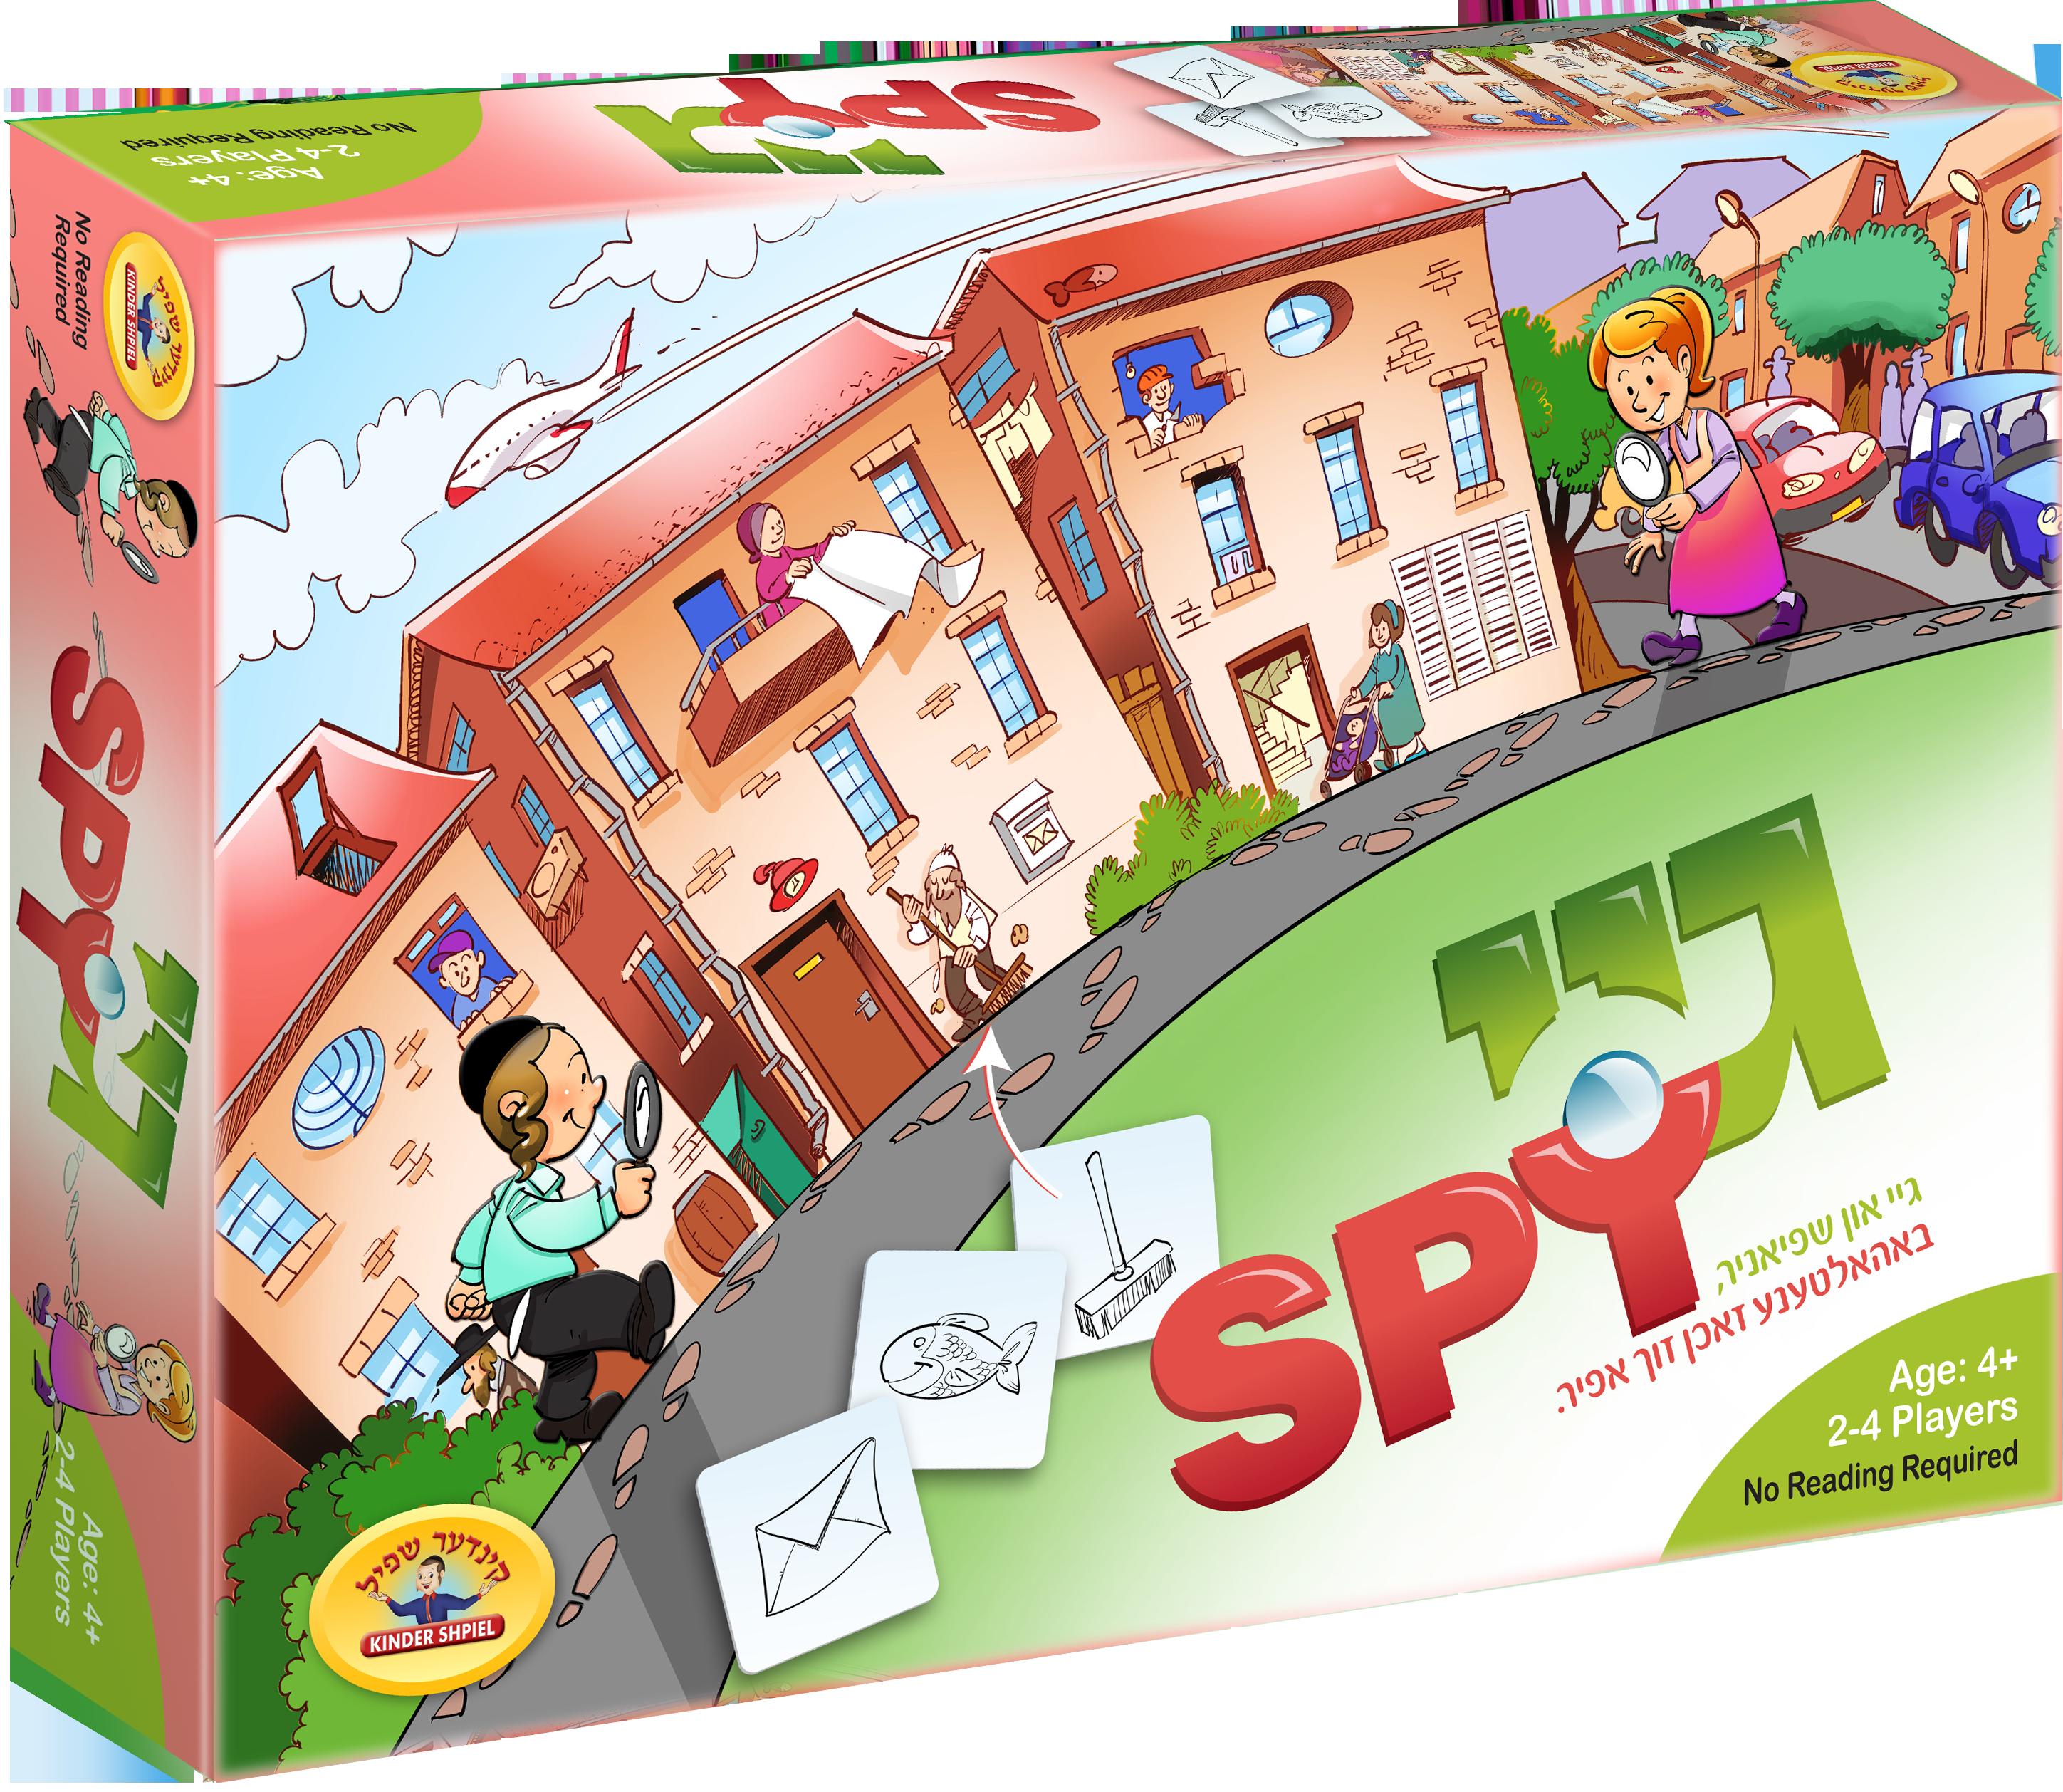 Spy גיי